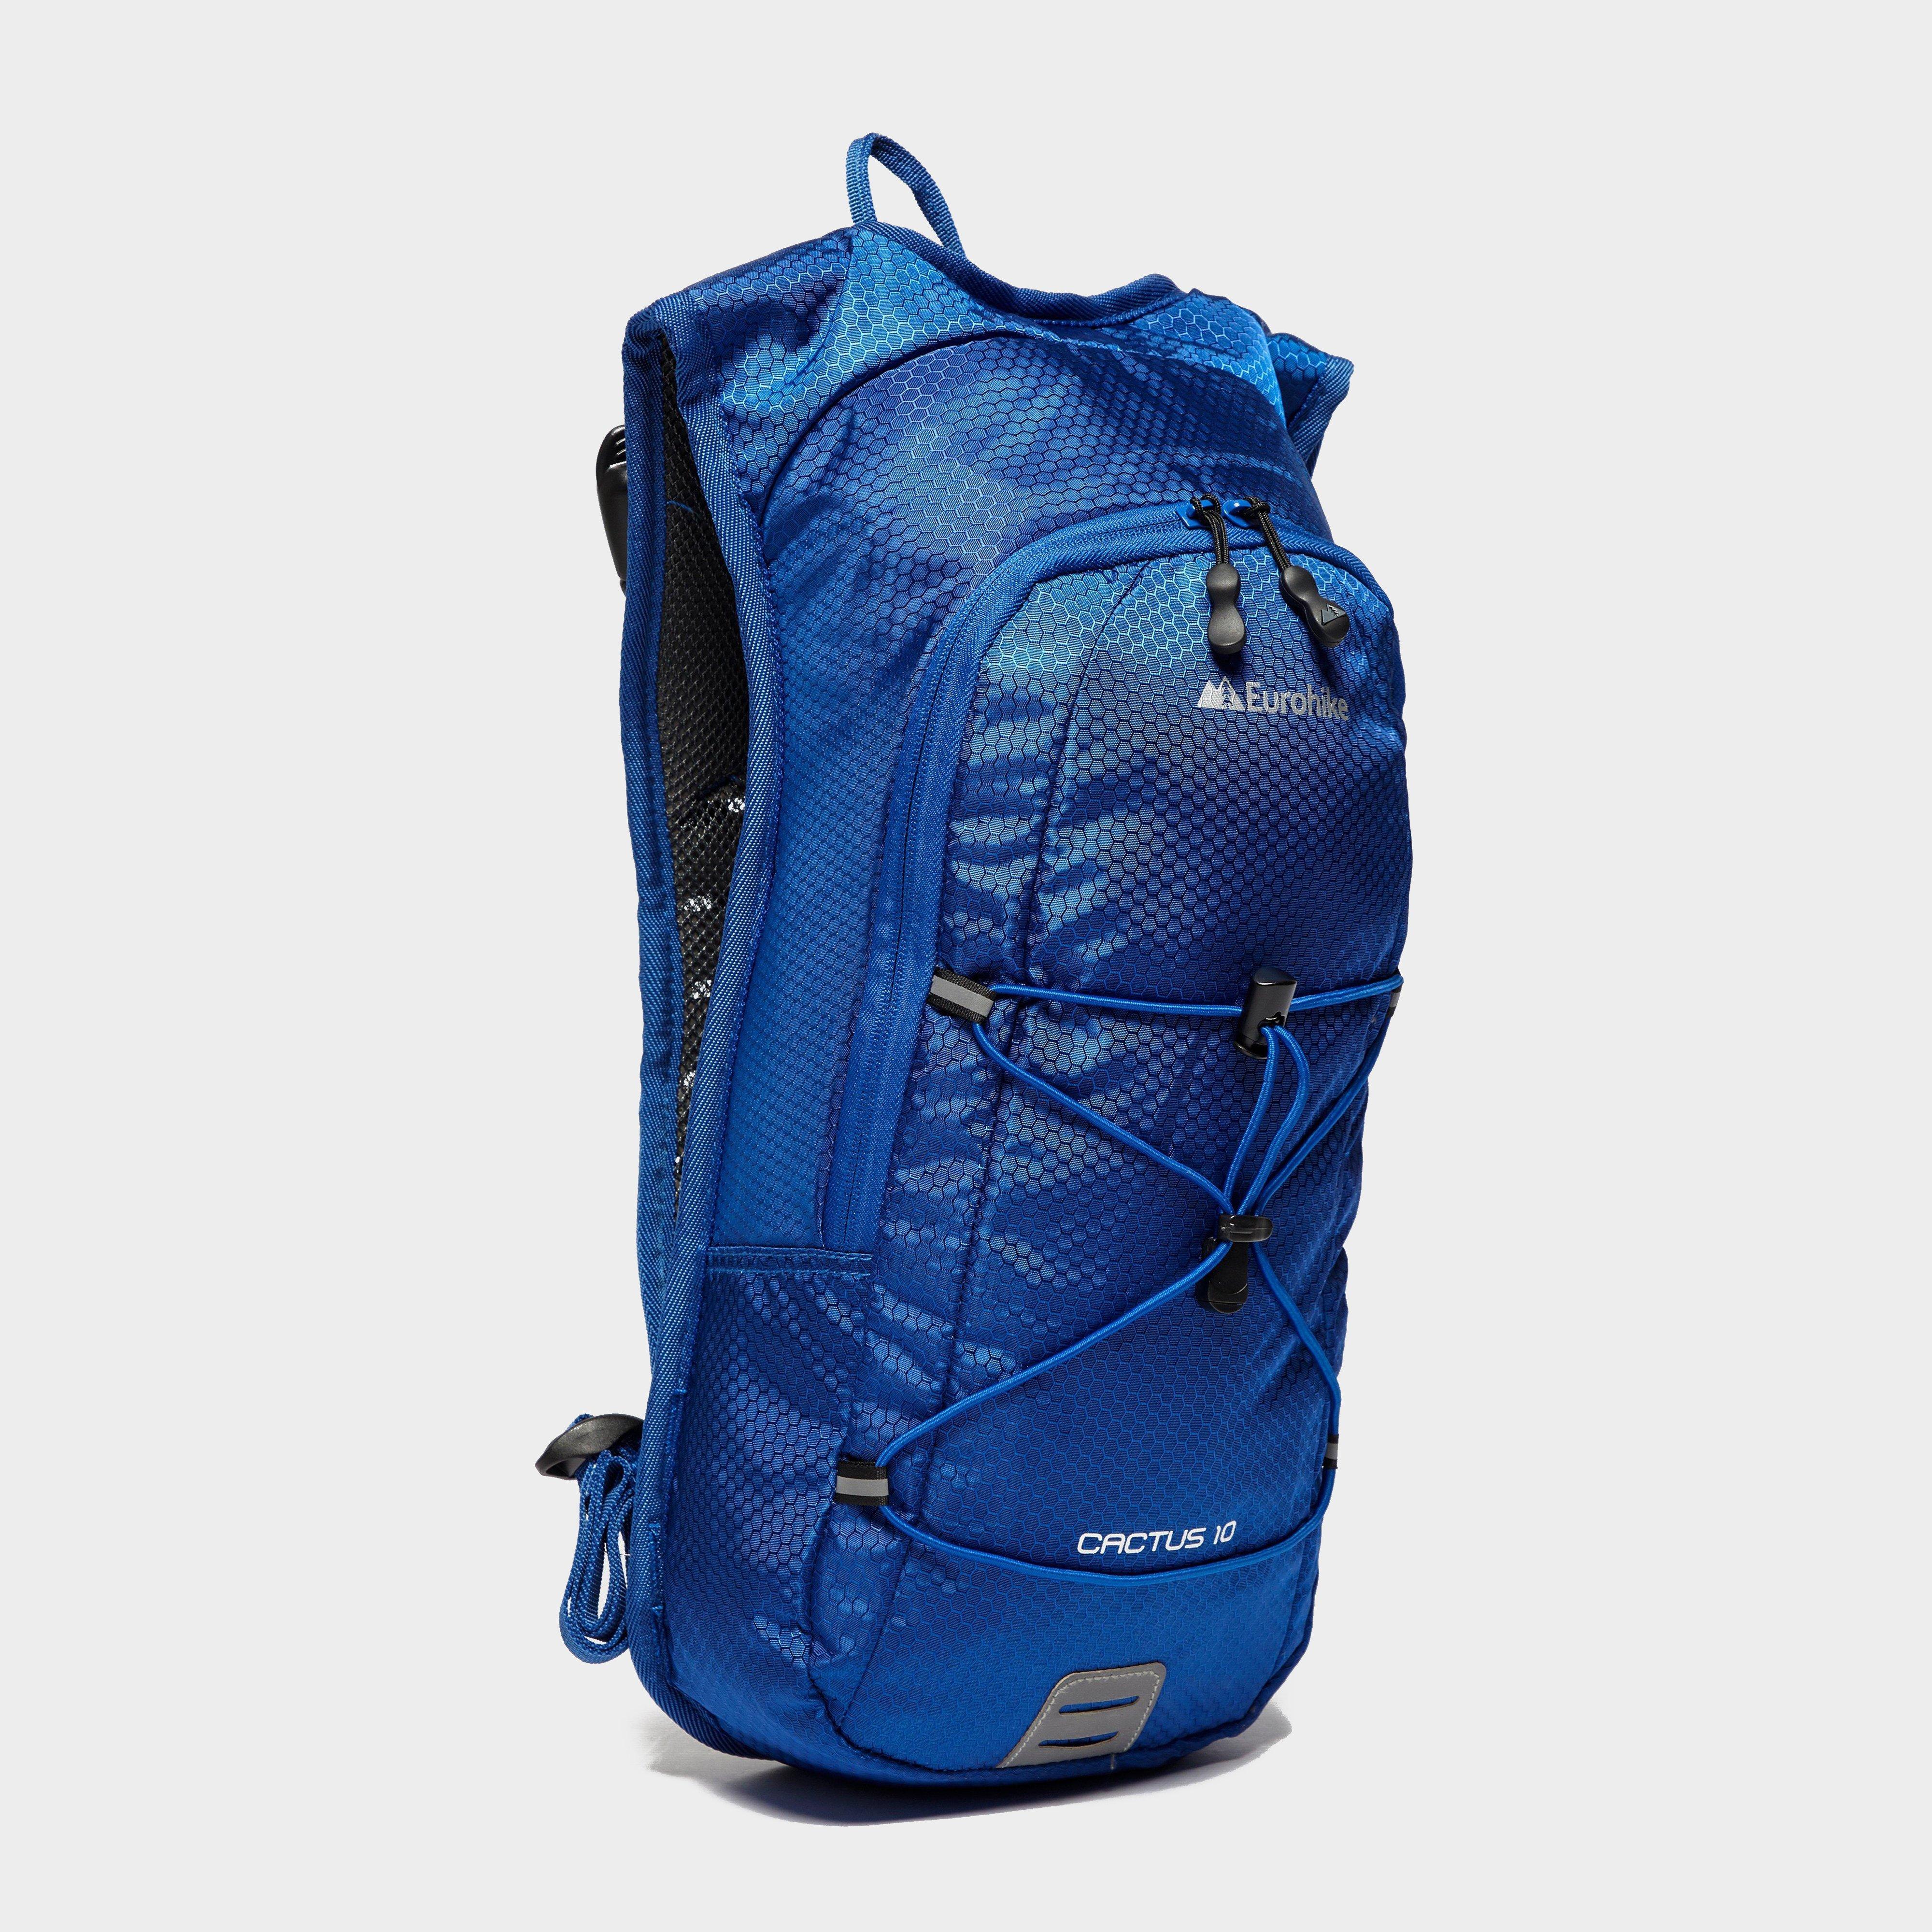 Eurohike Eurohike Cactus 10L Daysack - Blue, Blue